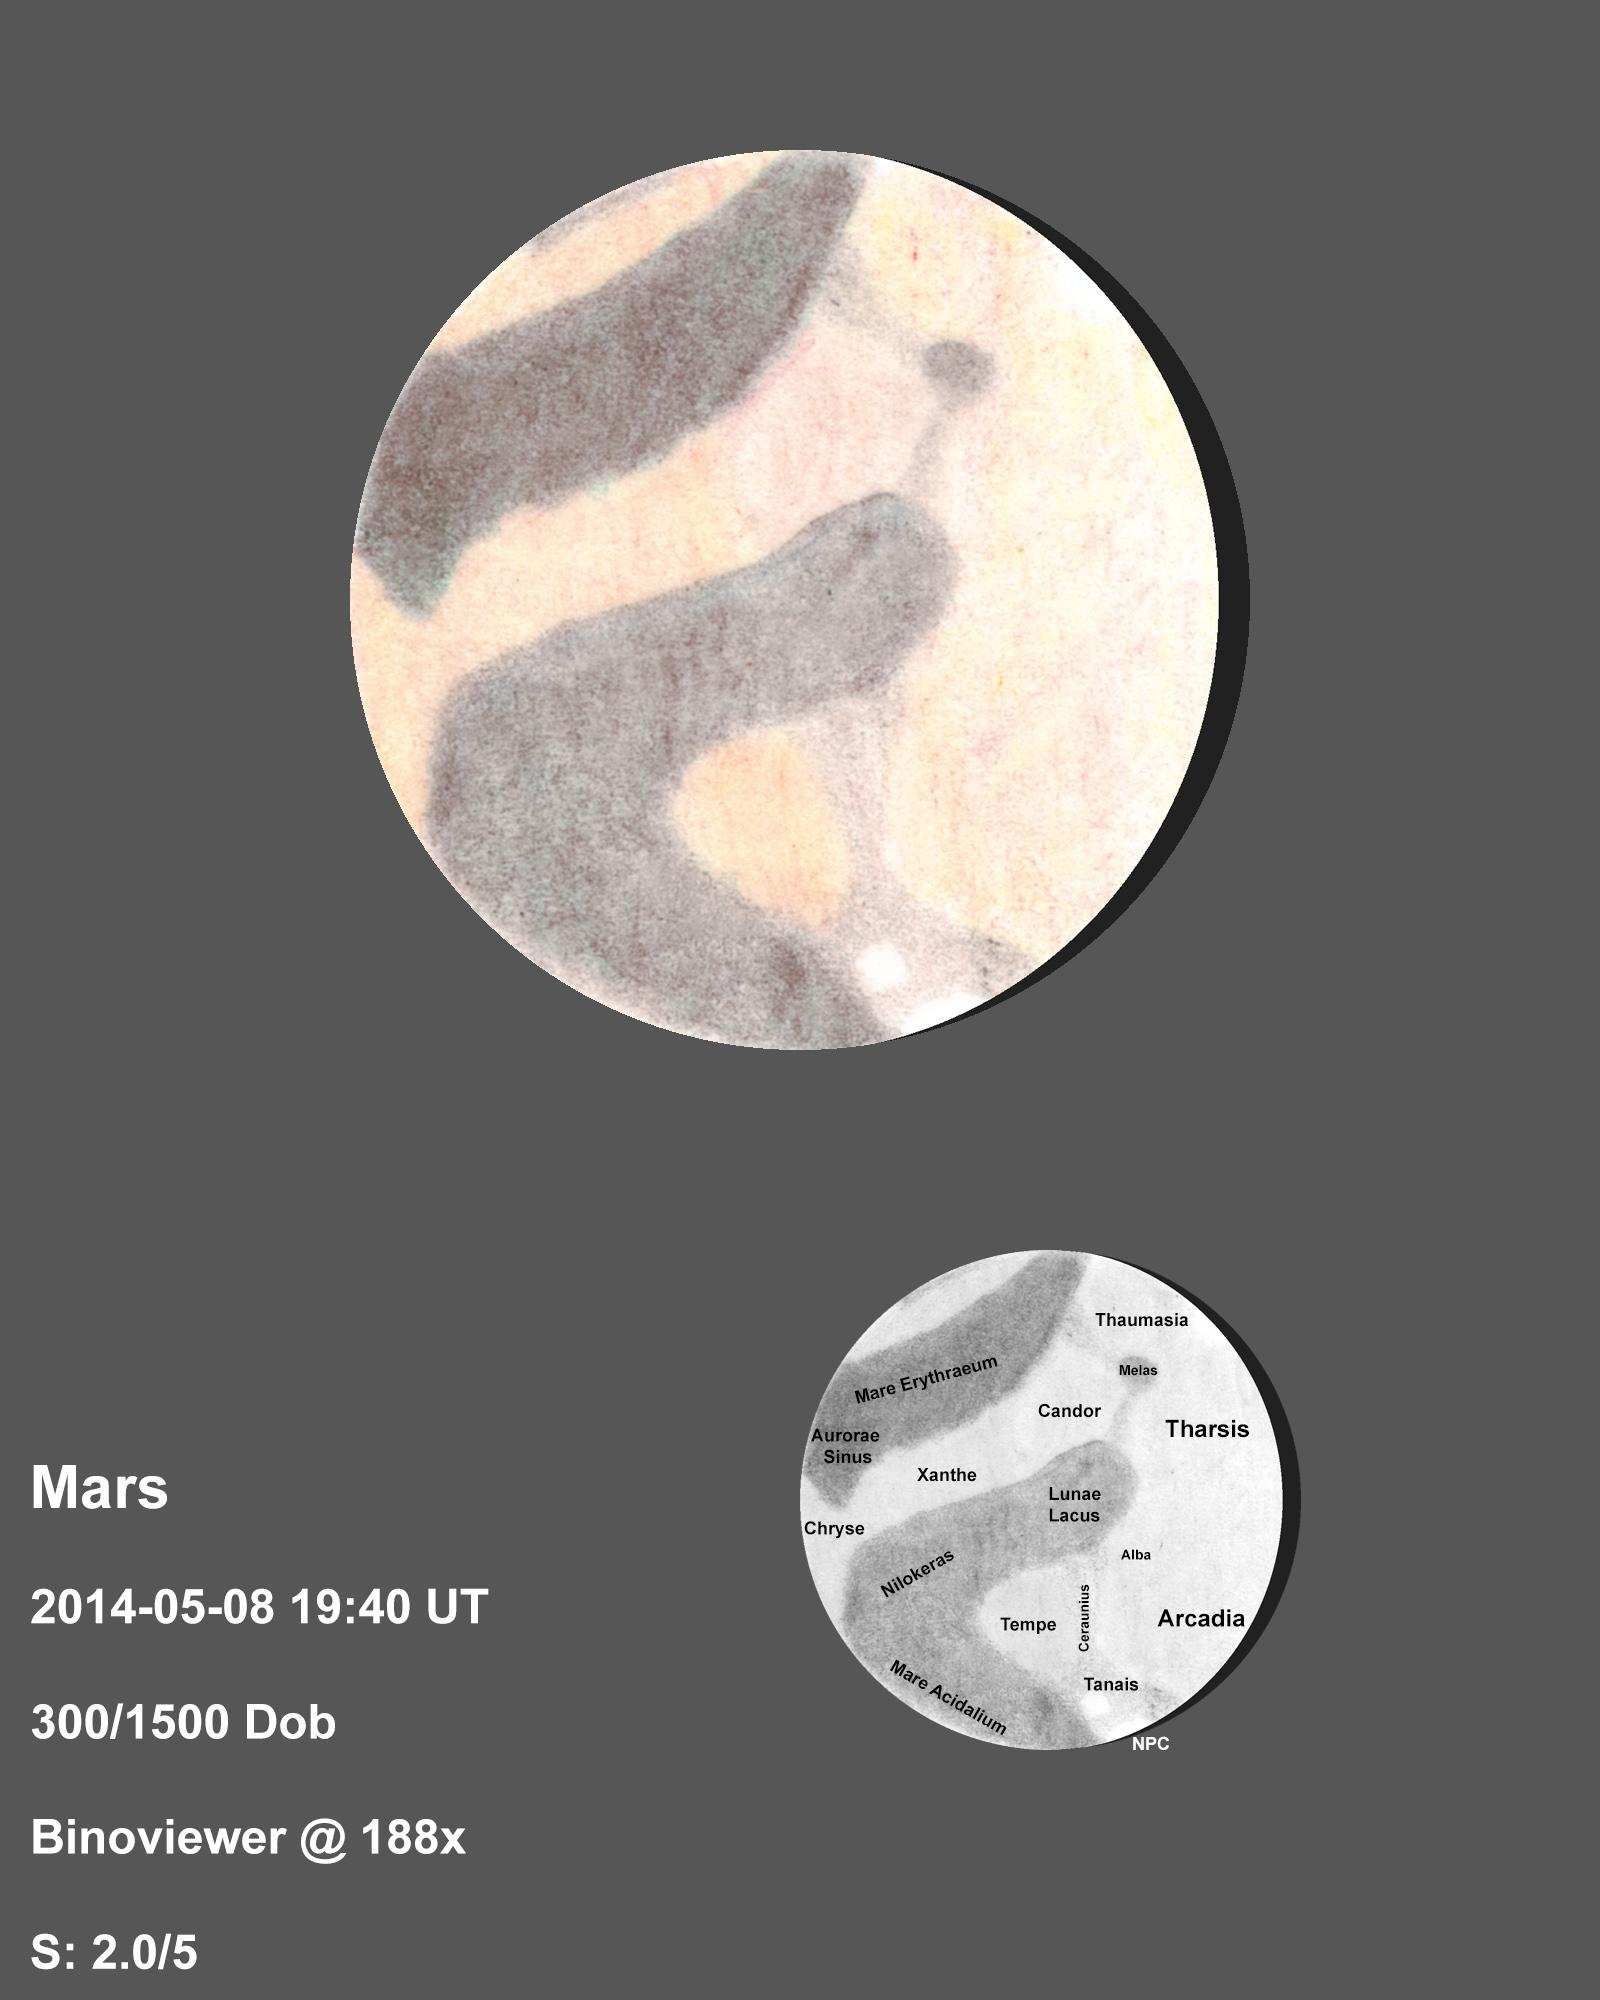 Mars 2014-05-08 1940UT